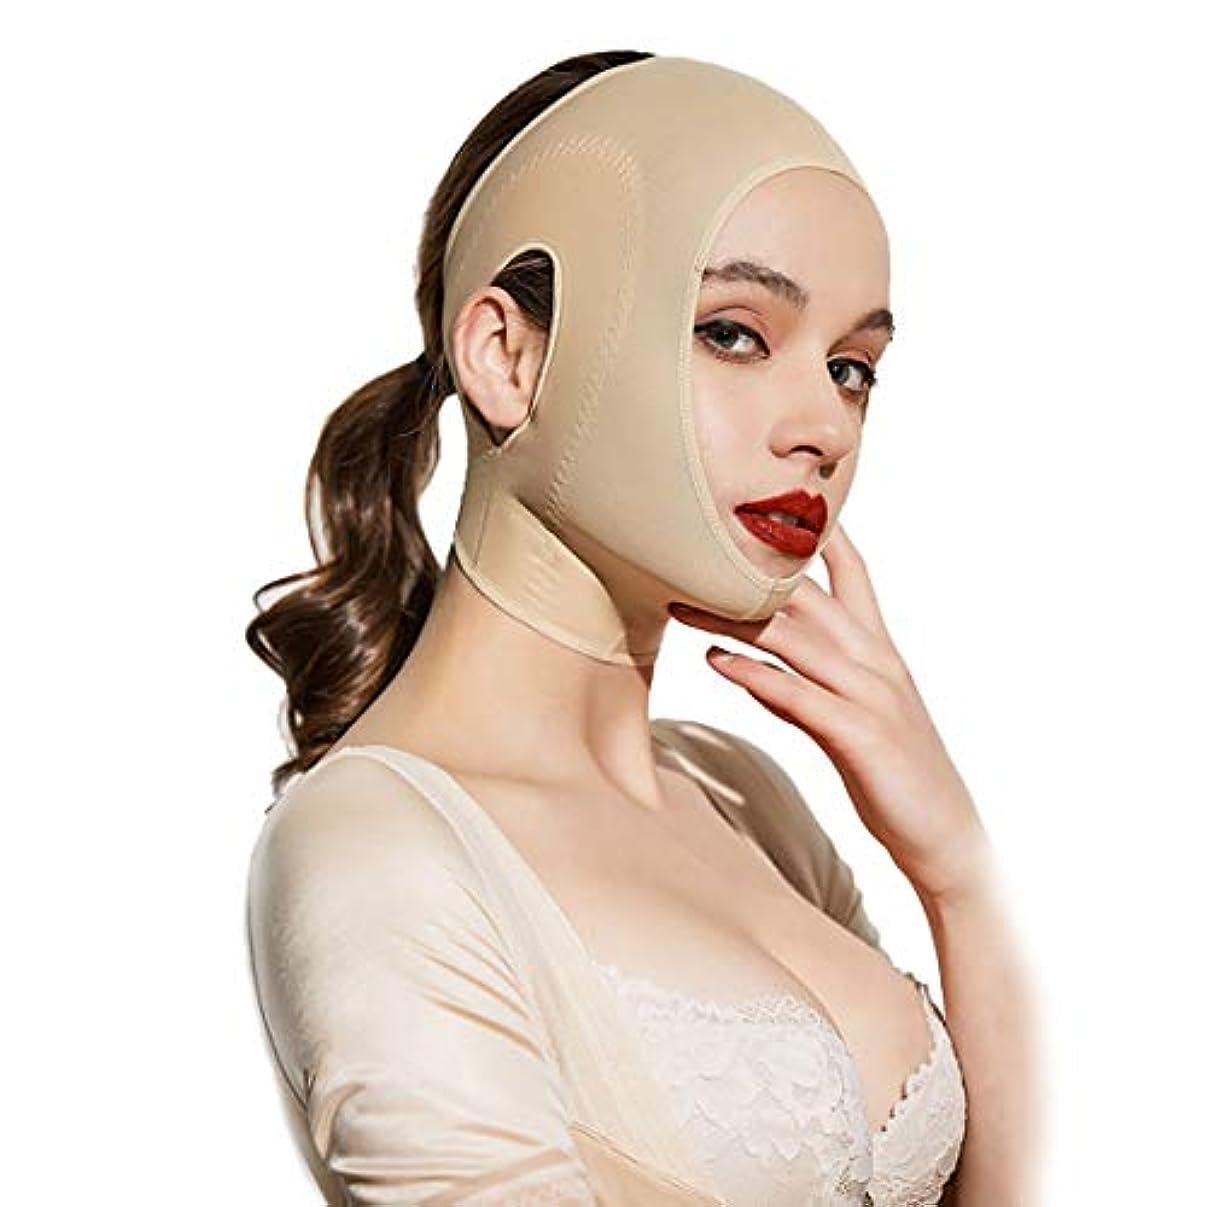 恨みラブお風呂を持っているZWBD フェイスマスク, 薄い顔包帯睡眠ステッカー包帯V顔引き締め垂れ顔ダブルあご薄い一口筋肉整形マスク (Size : M)